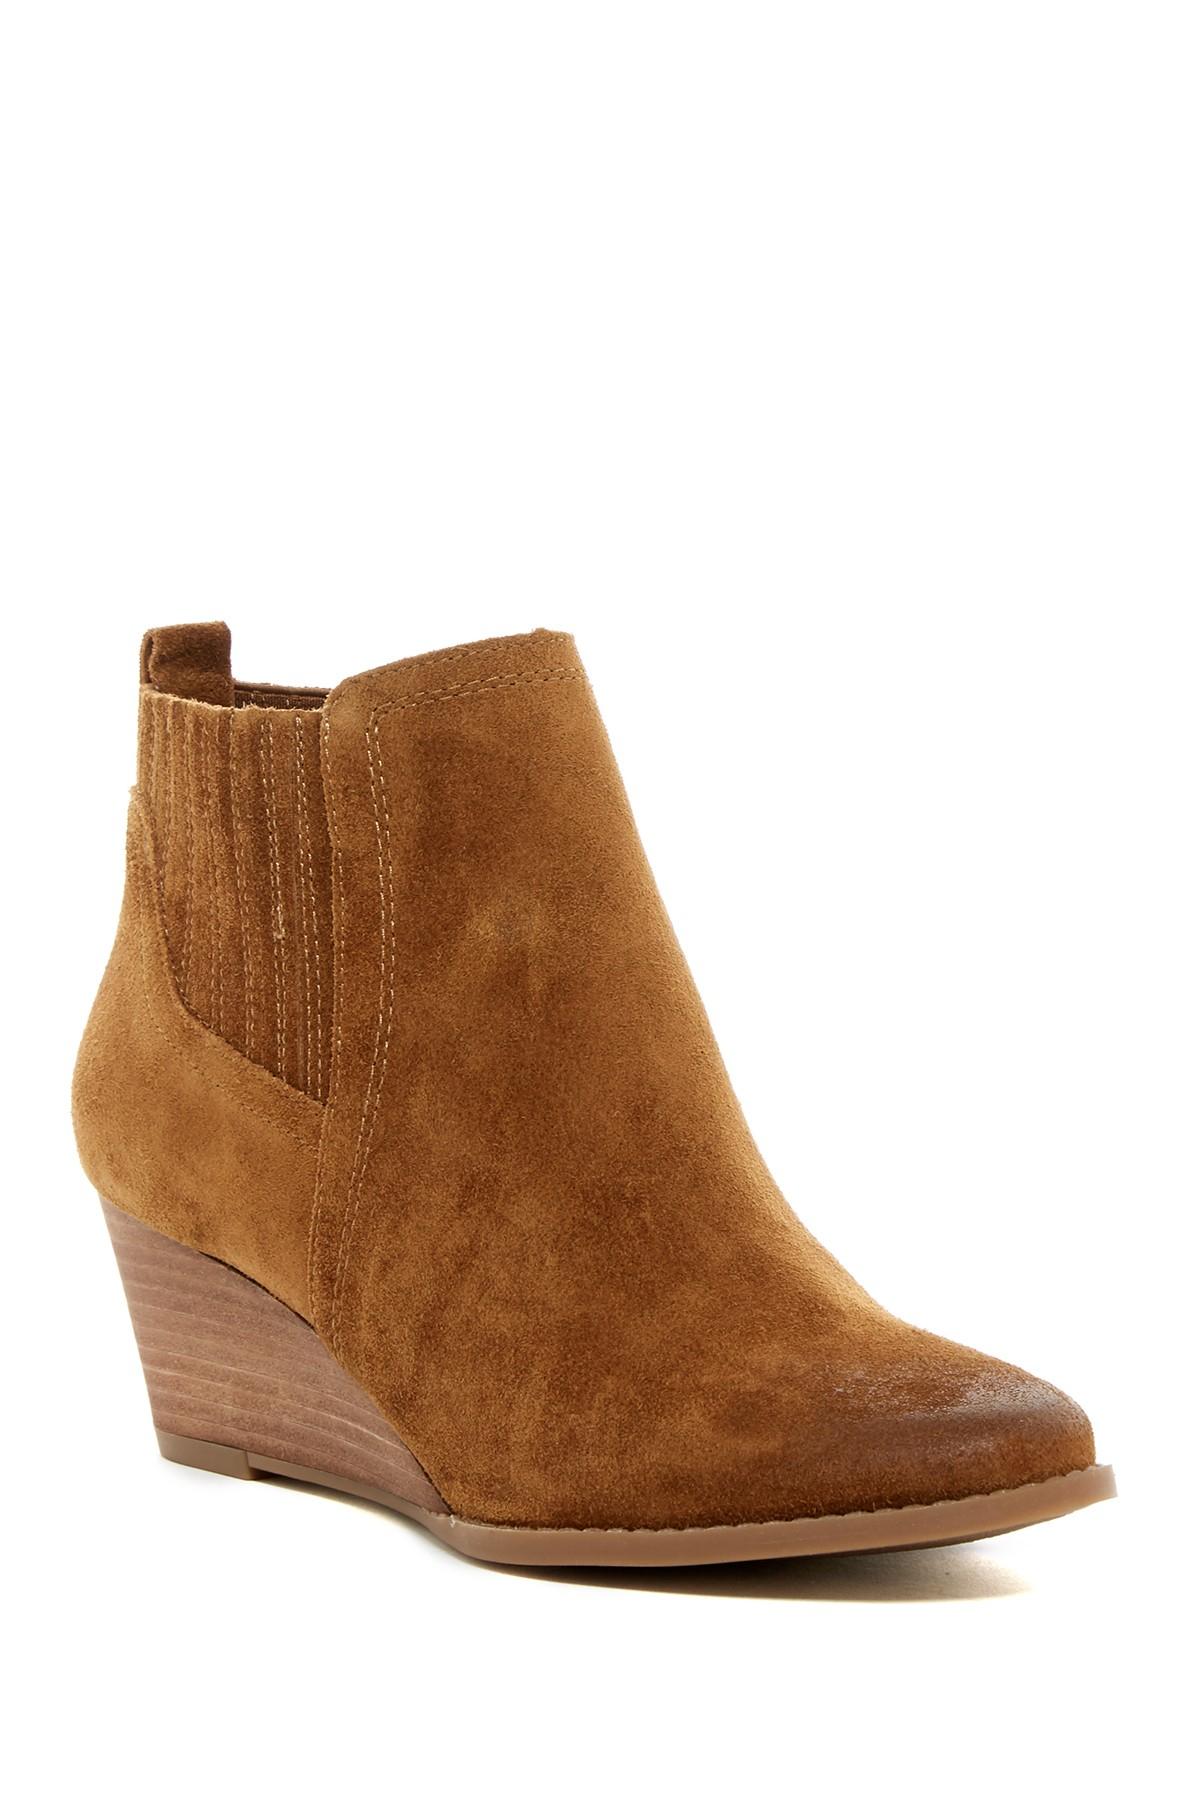 Franco Sarto Wide Shoes